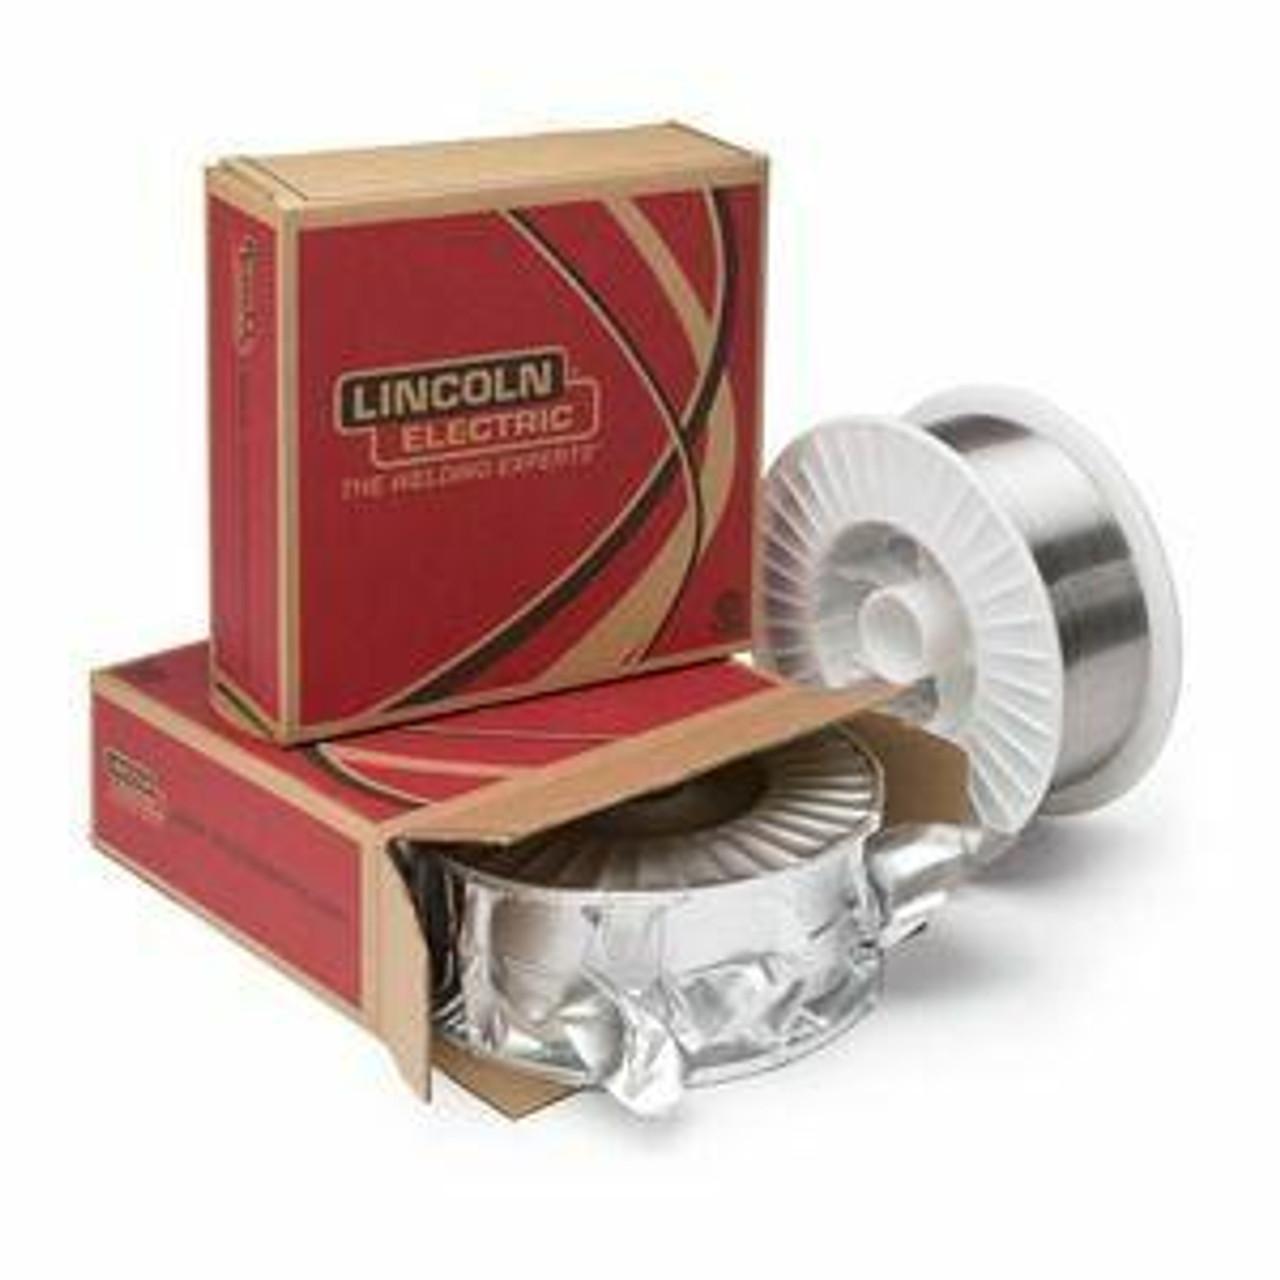 Lincoln Electric LINCOLN - PRIMALLOY T-409TI - AWS EC409